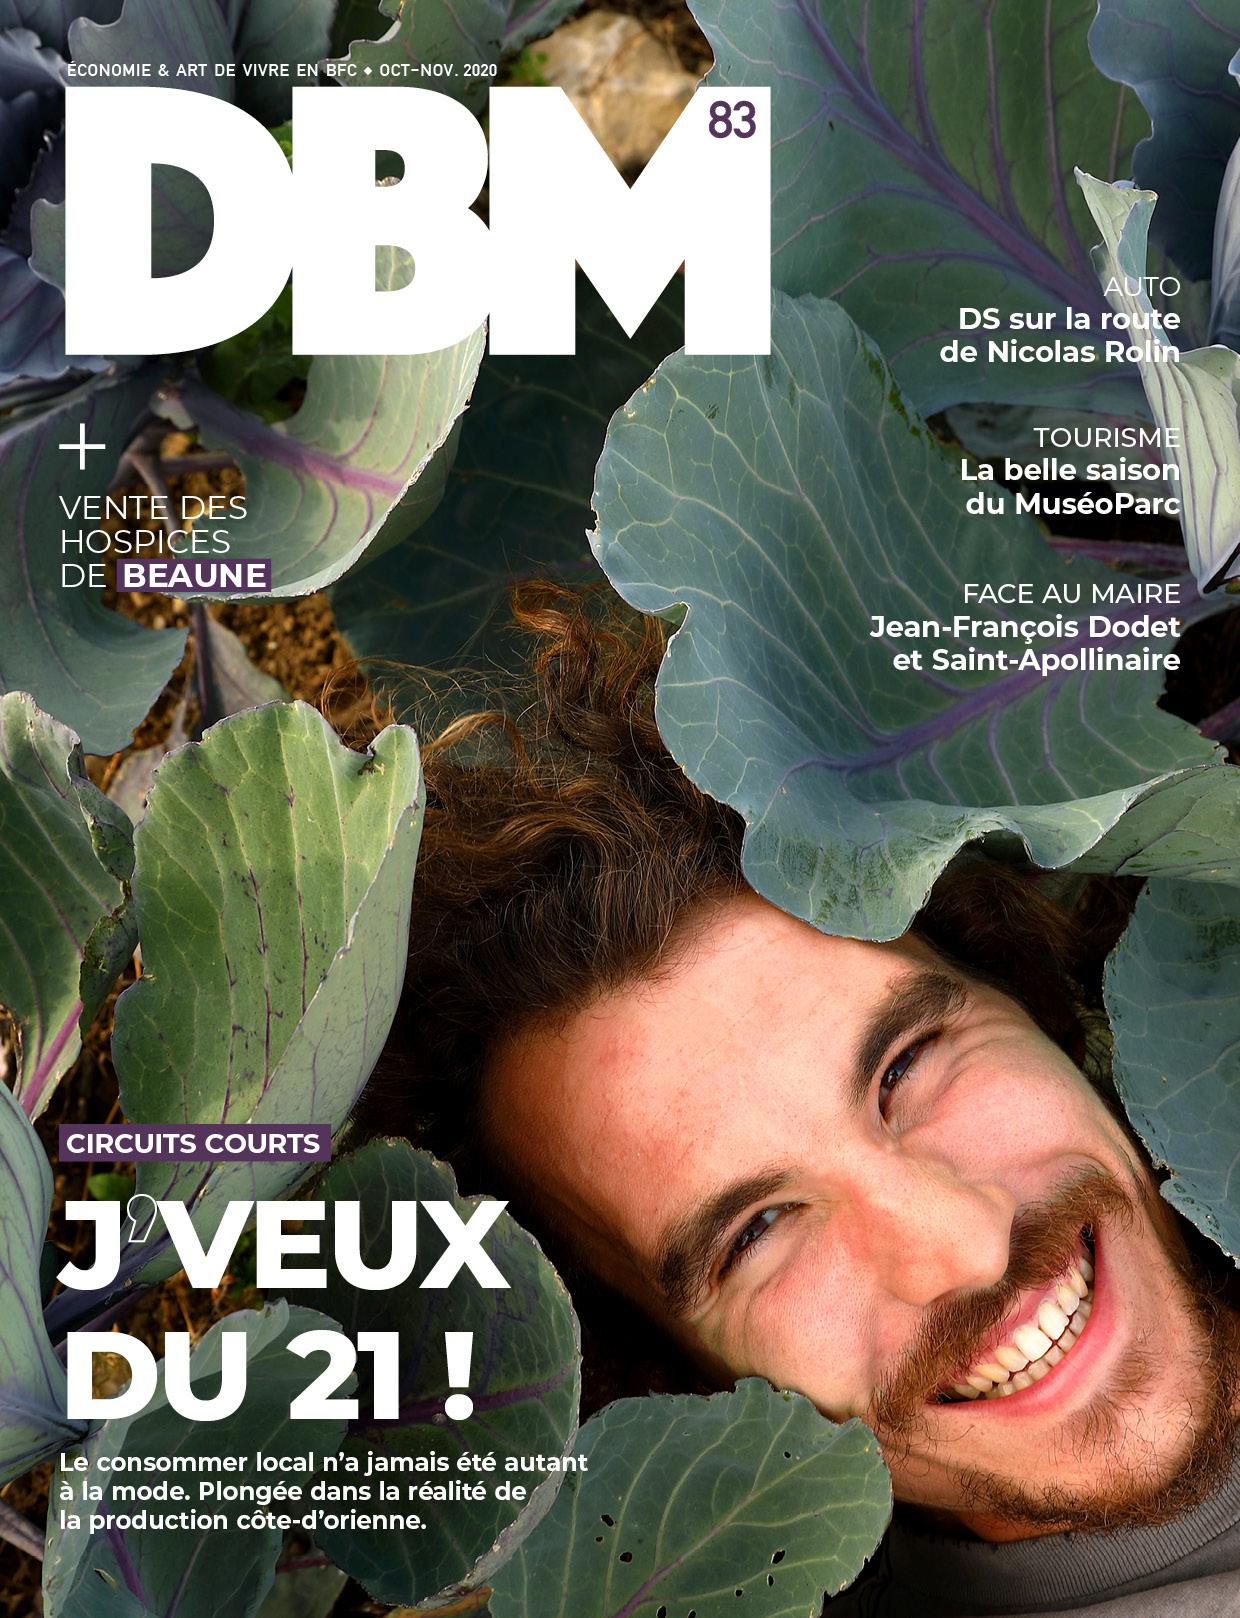 J'veux du 21 : DBM 83 interroge notre rapport au circuit local